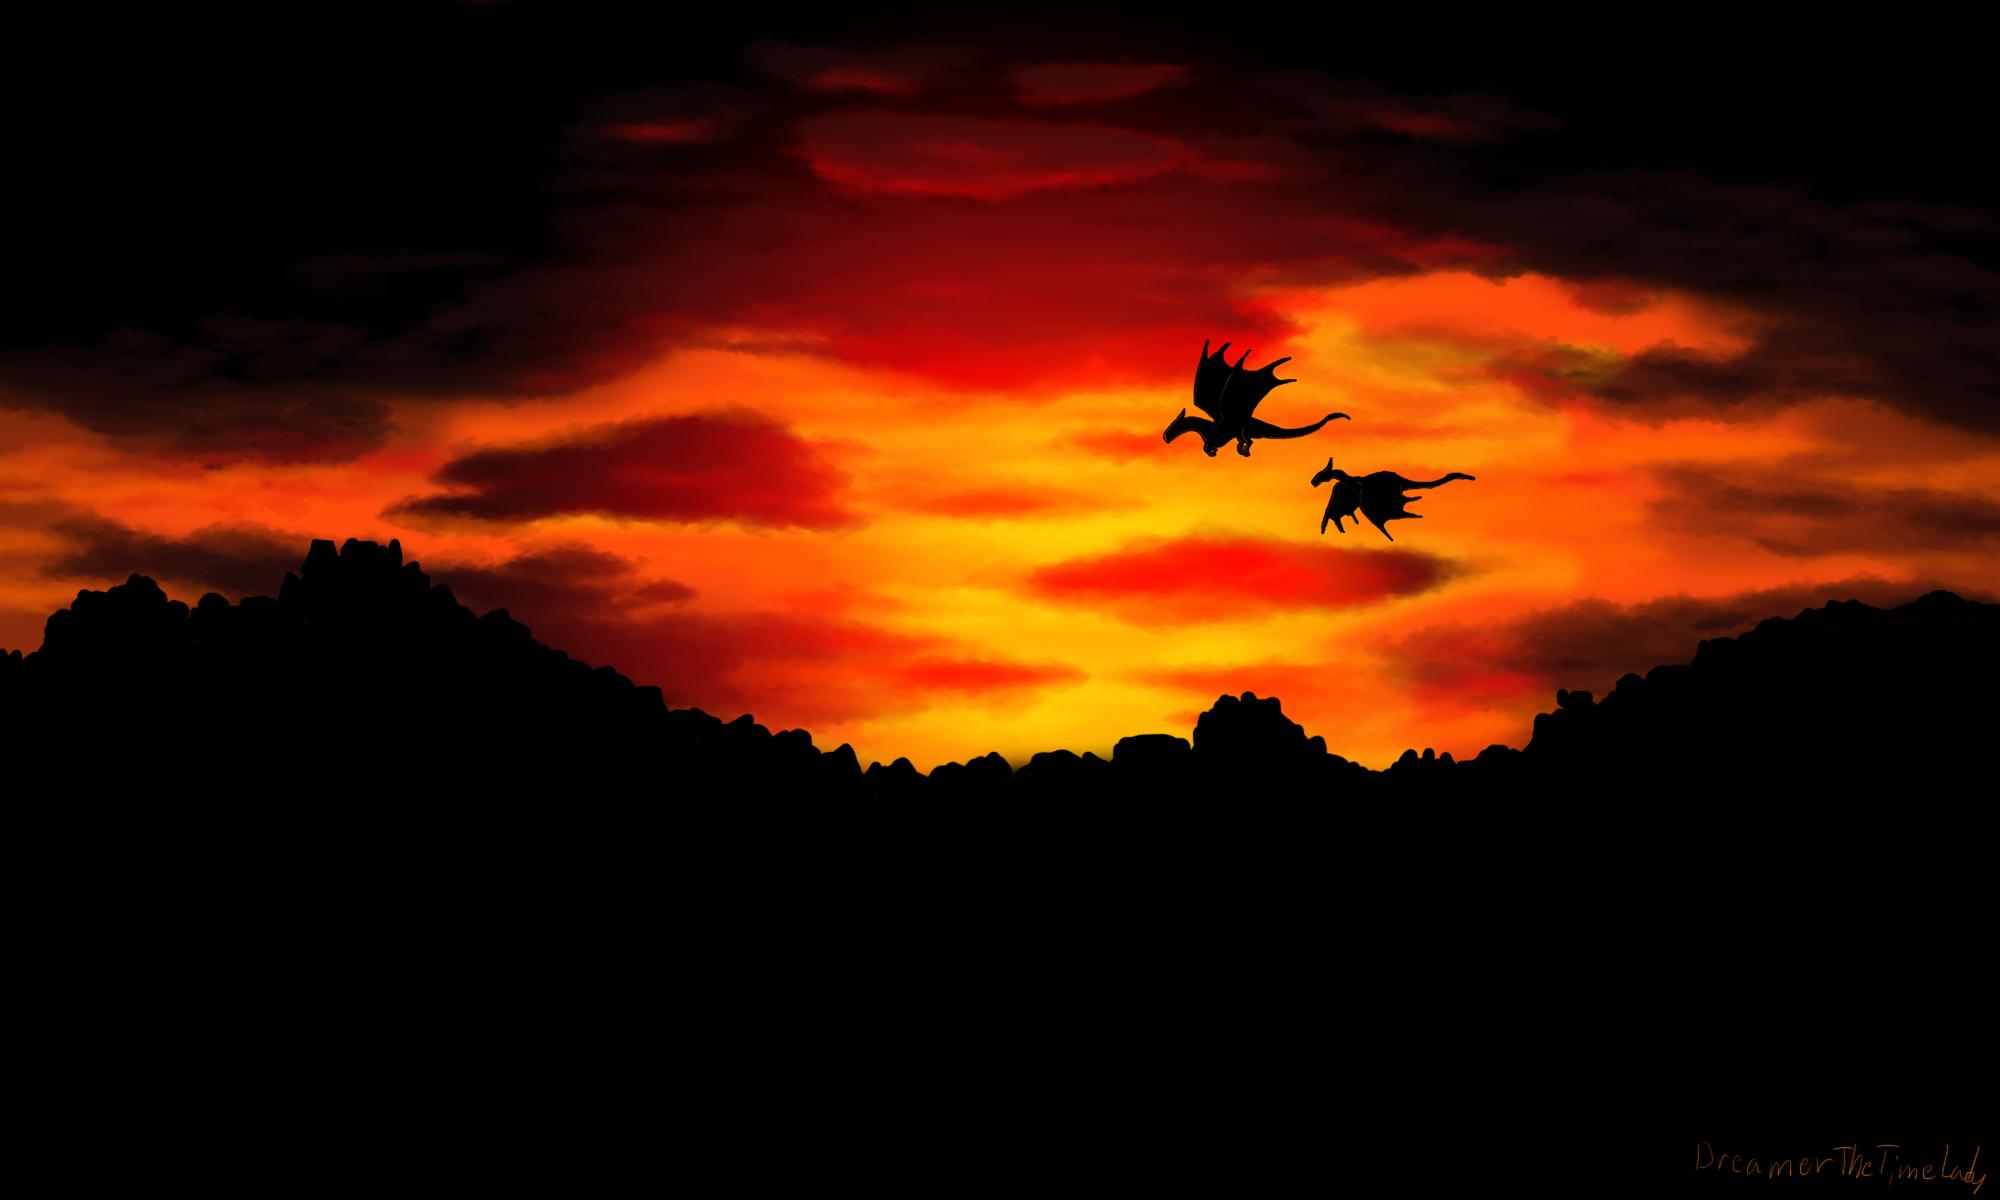 Dragon's Sunset by DreamerTheTimeLady